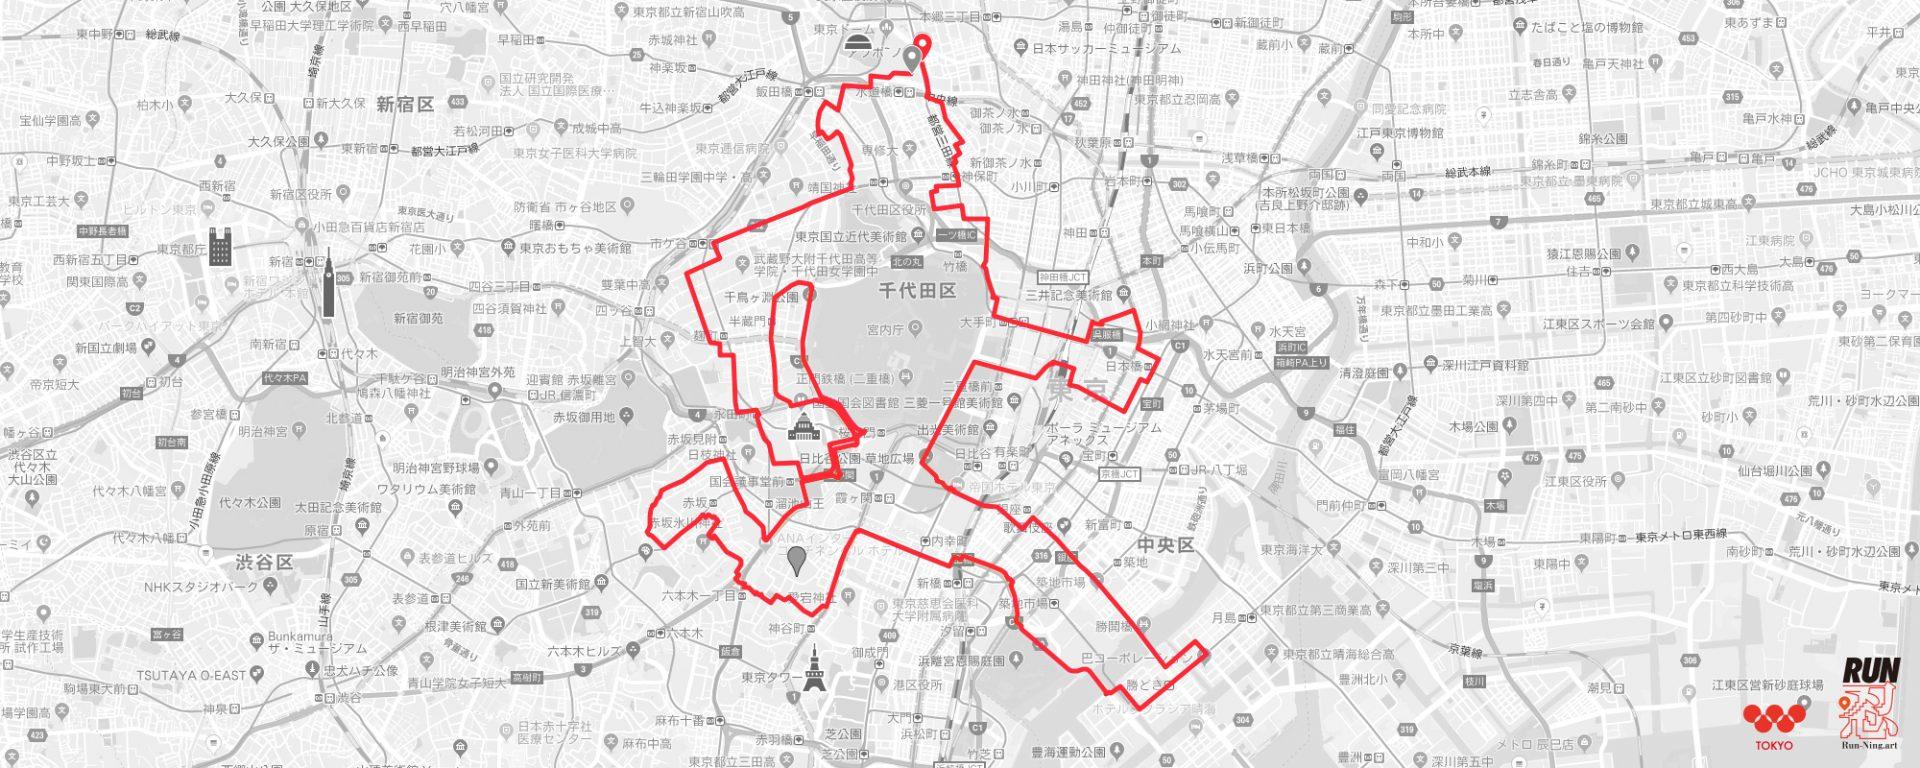 GPSアート:皇居ランナー